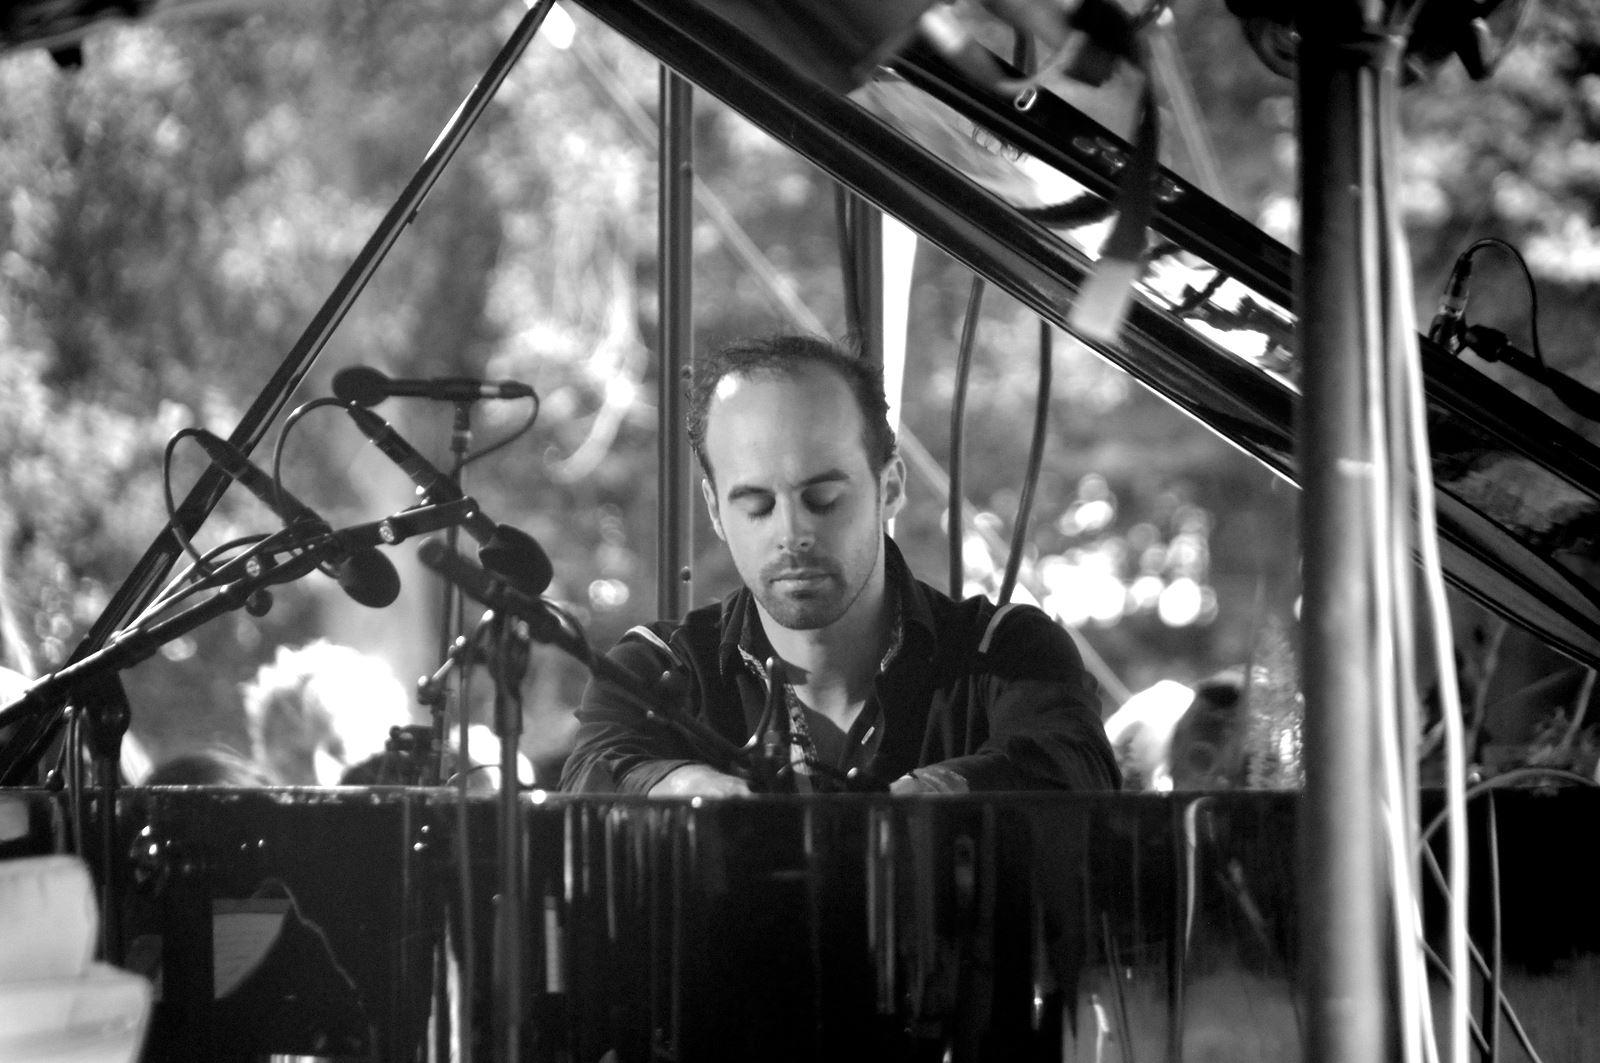 Rogier Telderman